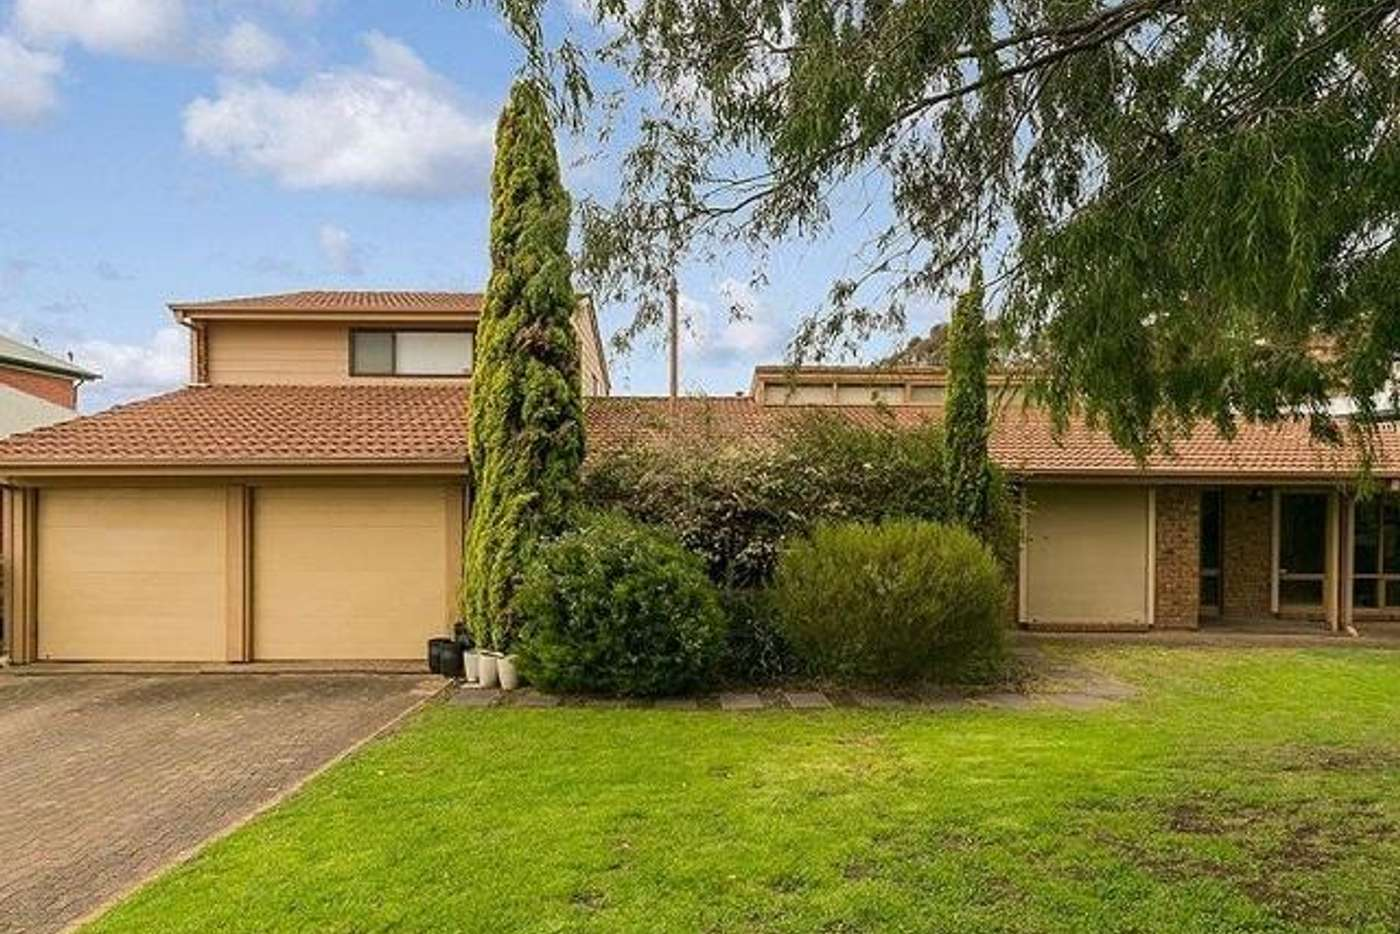 Main view of Homely house listing, 23 Tacoma Boulevard, Pasadena SA 5042